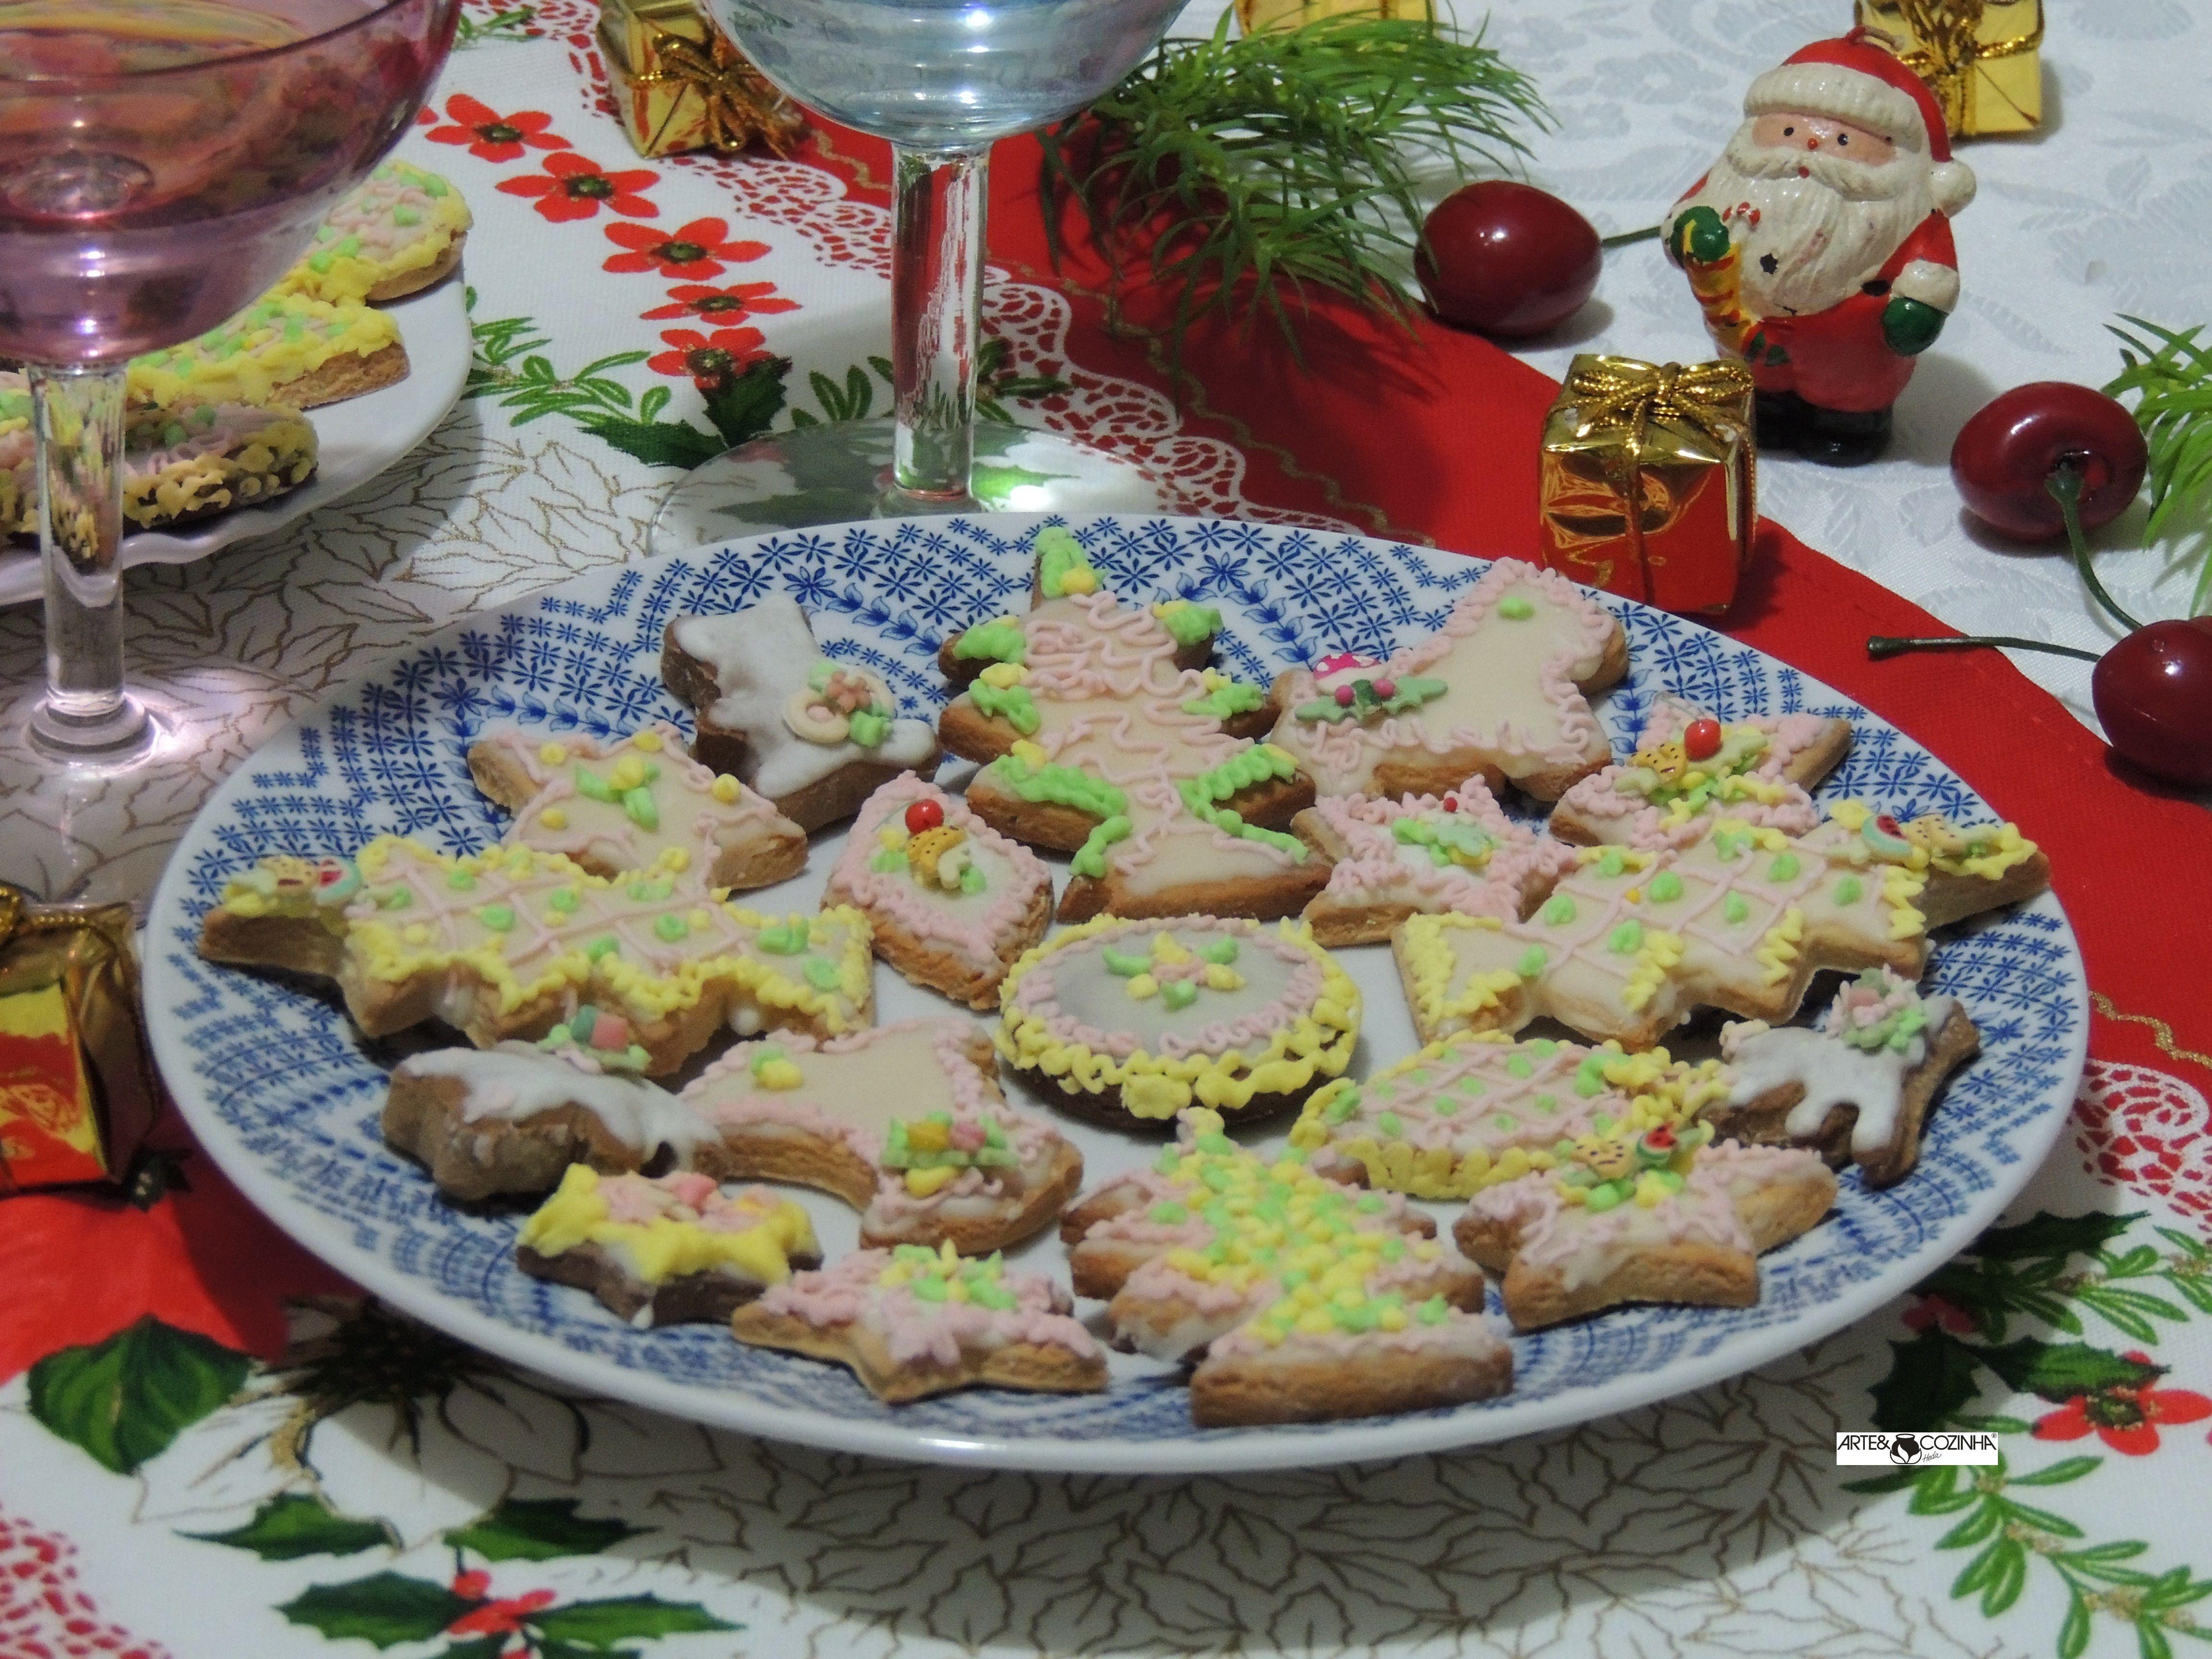 Biscoitos decorados por Heda Seffrin. Fotografia:Simone Seffrin